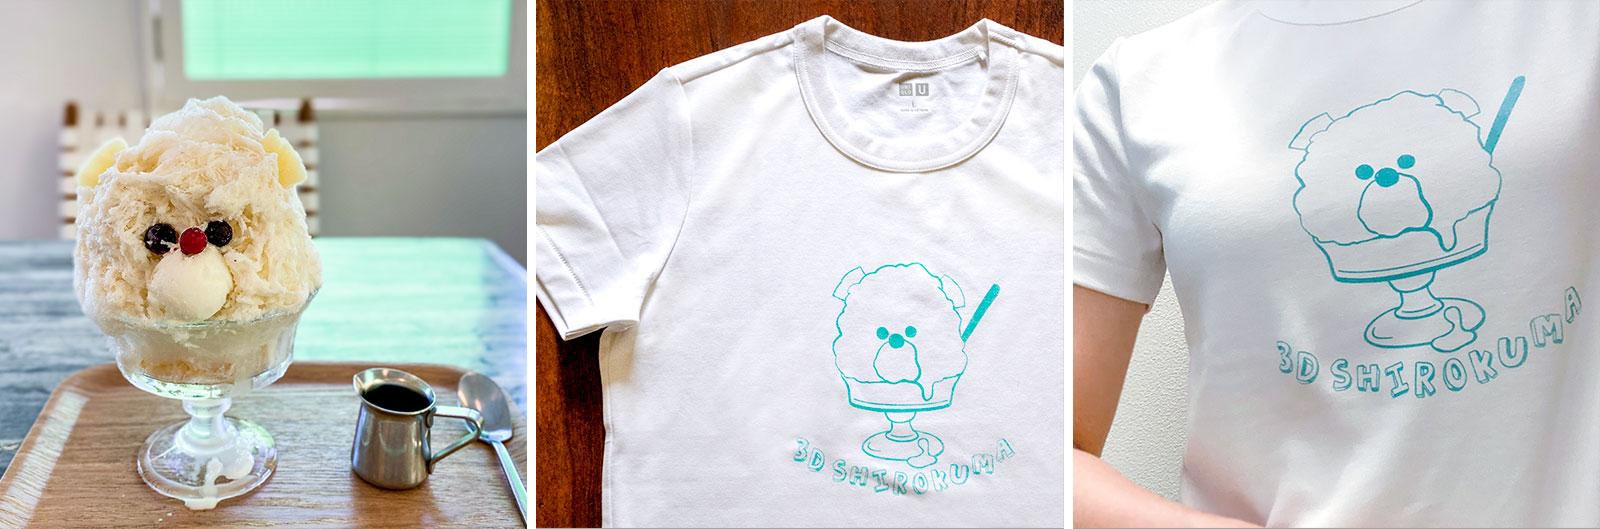 しろくまとTシャツ